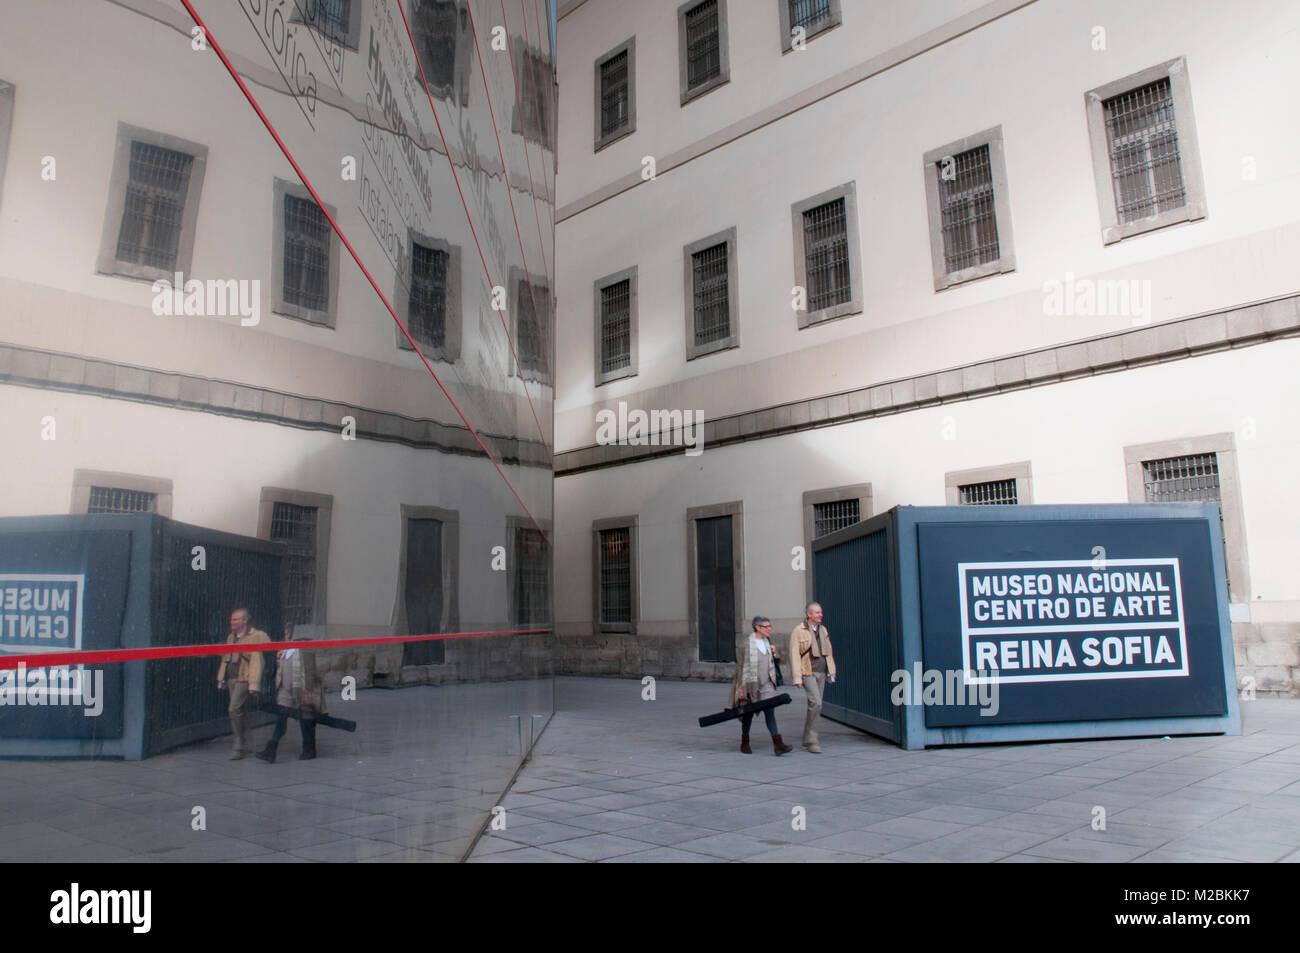 Facade of Centro de Arte Reina Sofia National Museum. Madrid, Spain. - Stock Image